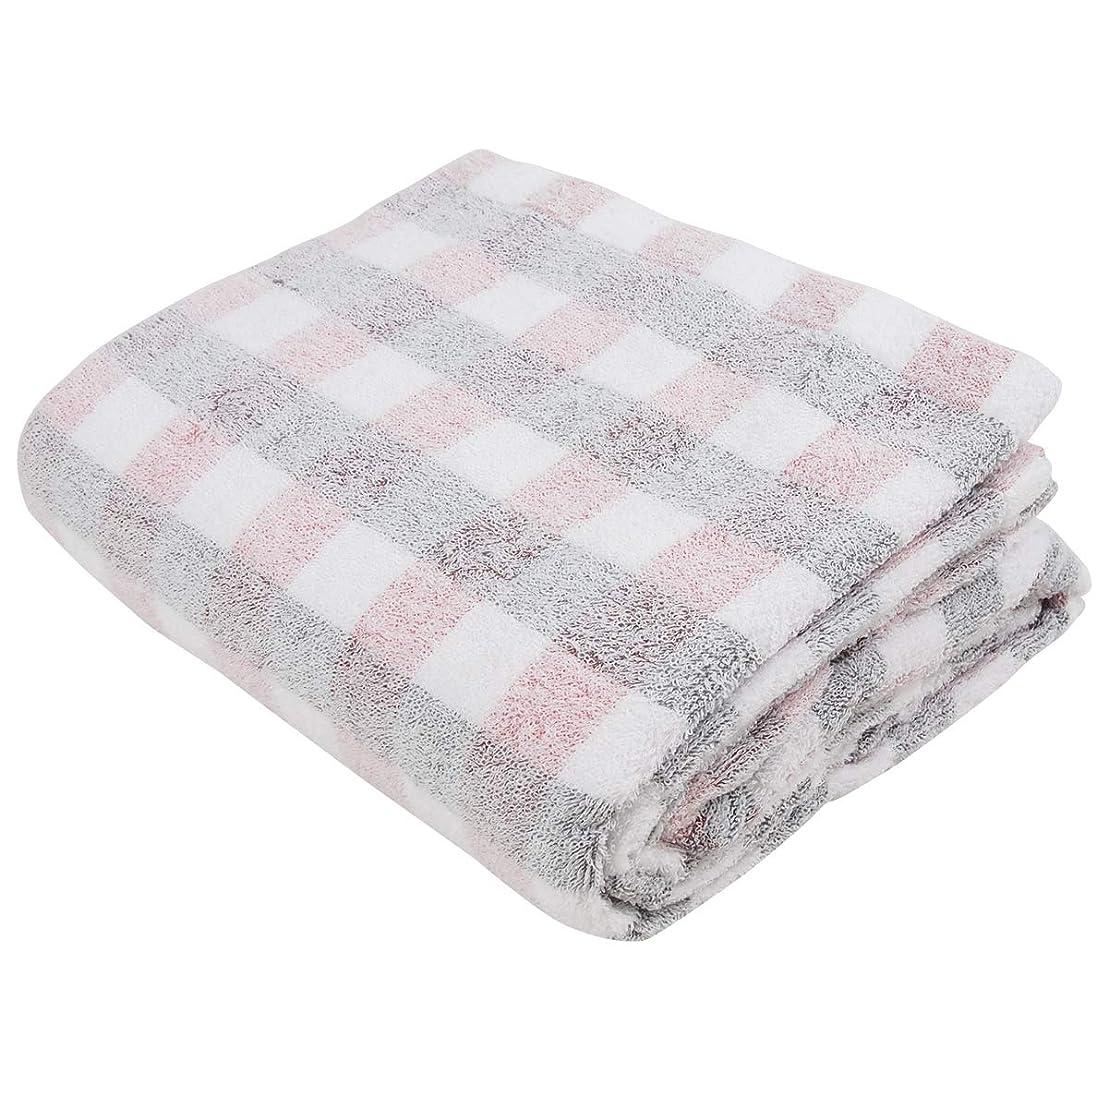 可能性同様に宿題をするタオルケット 綿100% 軽量 シングルサイズ140×190cm ふんわり軽いチェック柄のタオルケット 218ZR13 (ピンク)